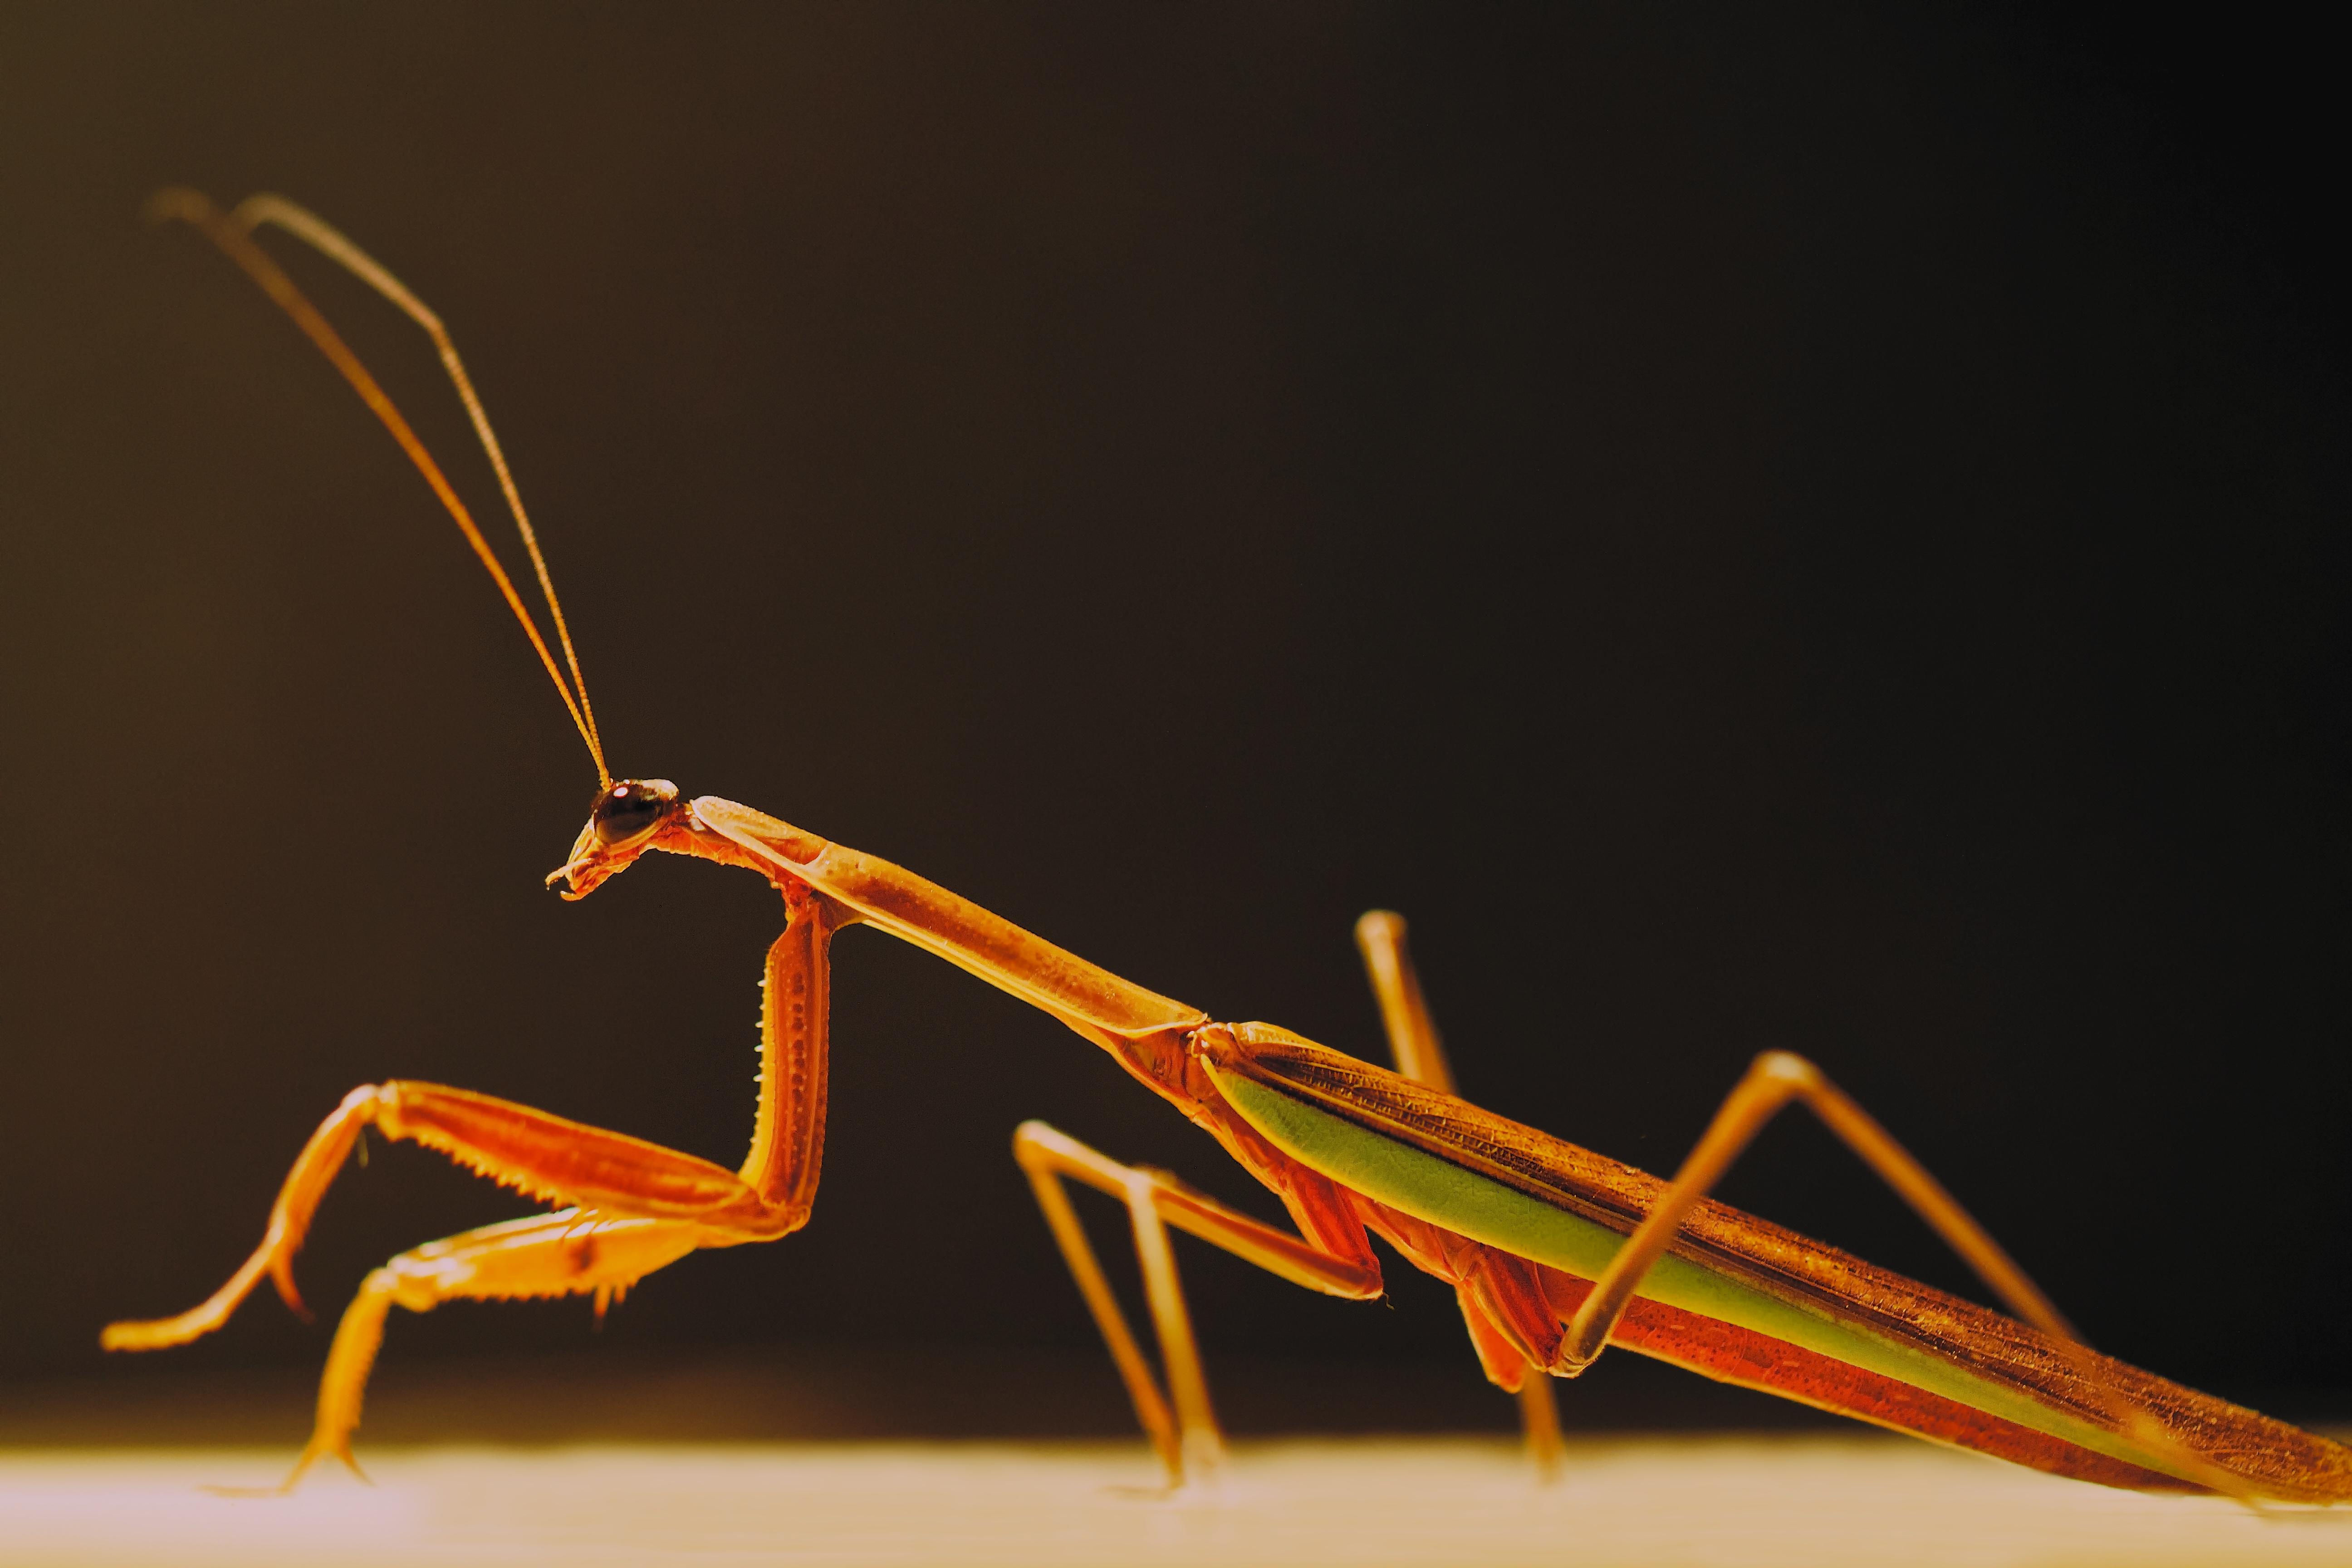 Praying Mantis profile